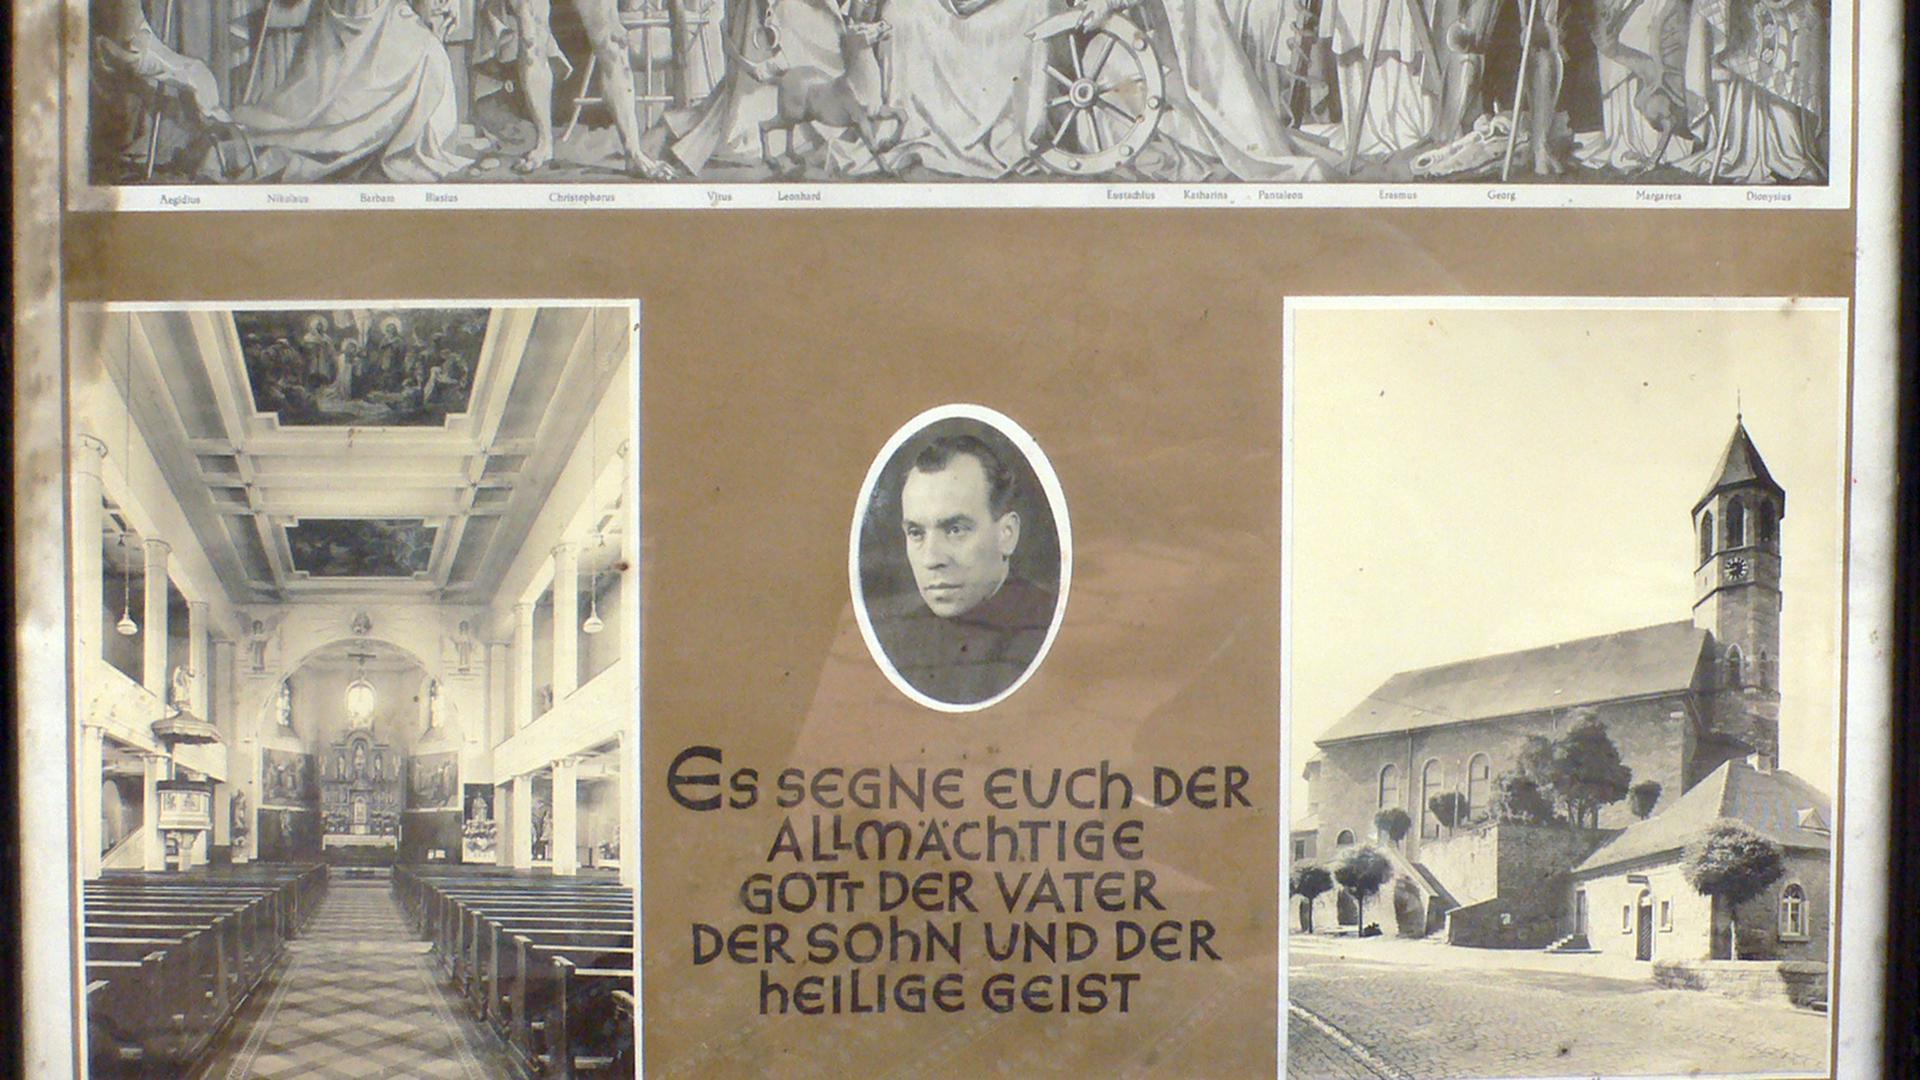 Gedenkbild Innenraum Cyriakkirche Malsch Außenansicht Pfarrer Anton Böhe